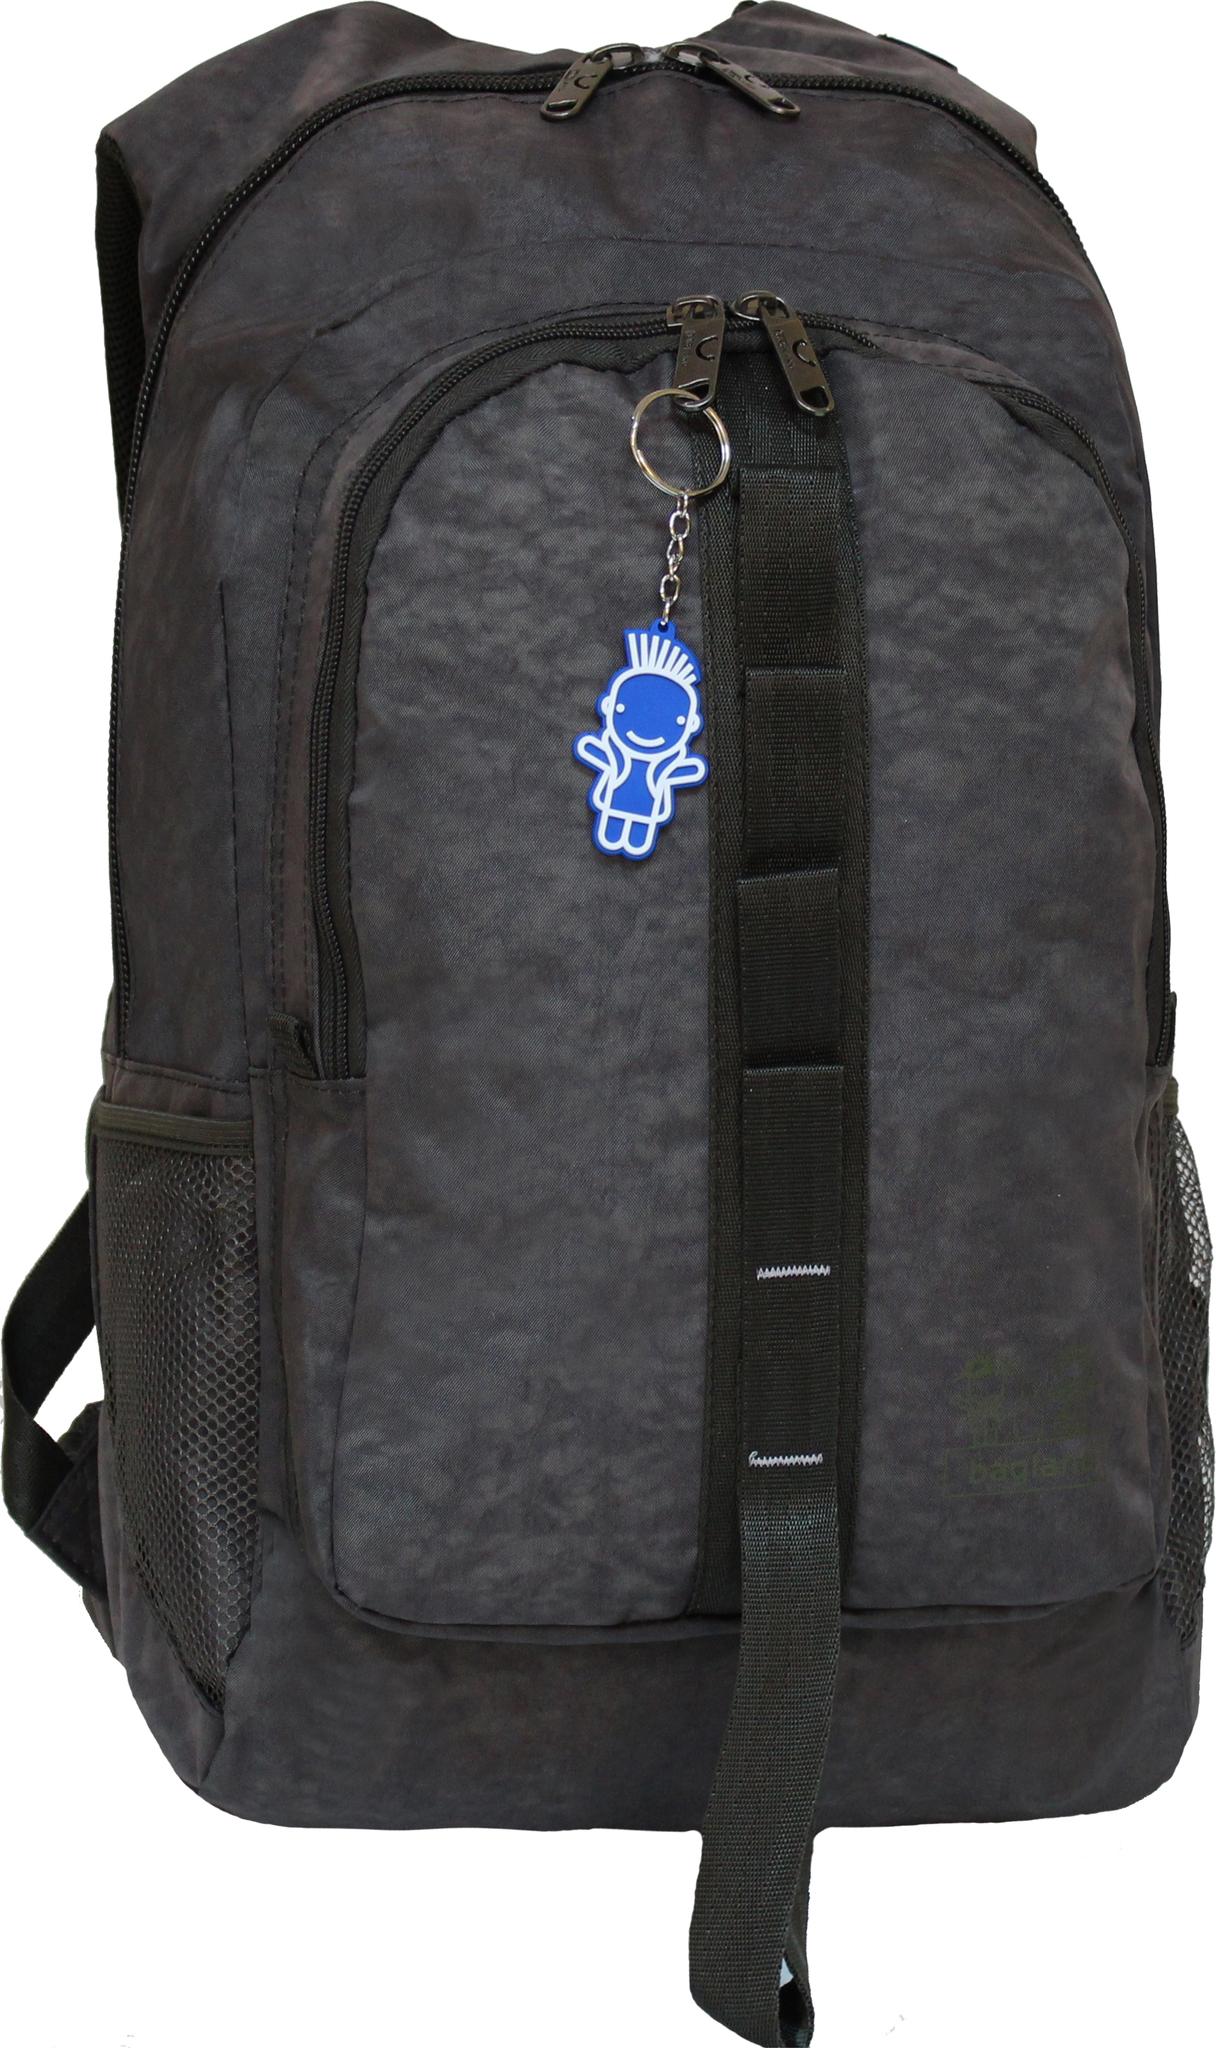 Городские рюкзаки Рюкзак Bagland Тайфун 26 л. Хаки (0017770) IMG_0260.JPG